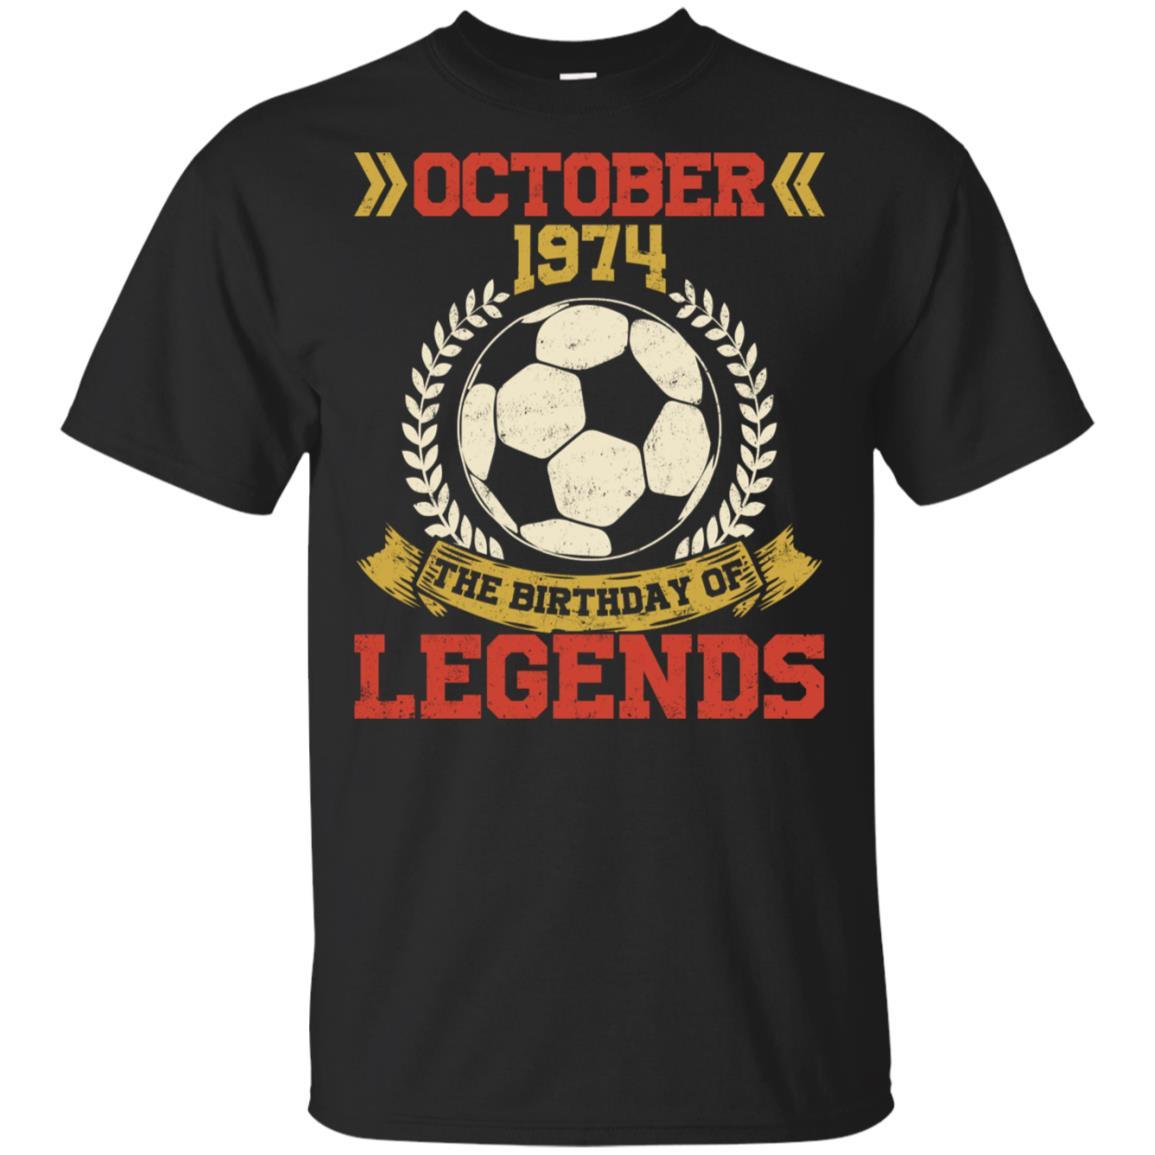 1974 October 44th Birthday Of Football Soccer Legend Unisex Short Sleeve